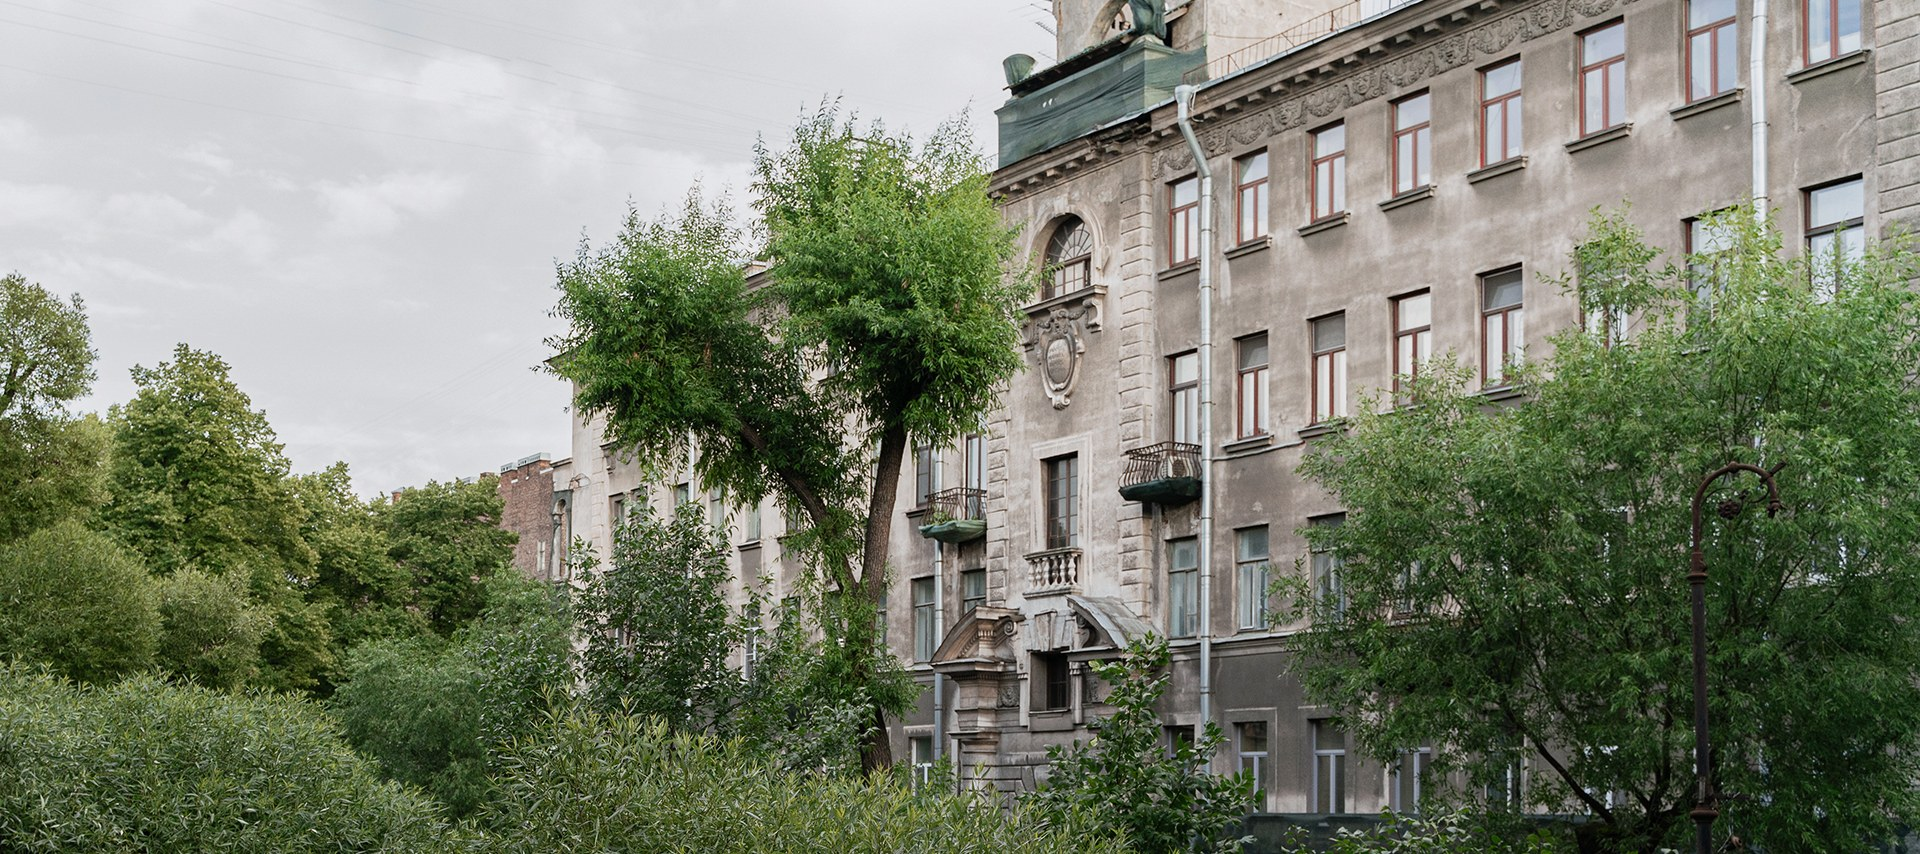 «Я живу в Пале-Рояле на Литейном». Дом, где работал Шагал и снимают кино